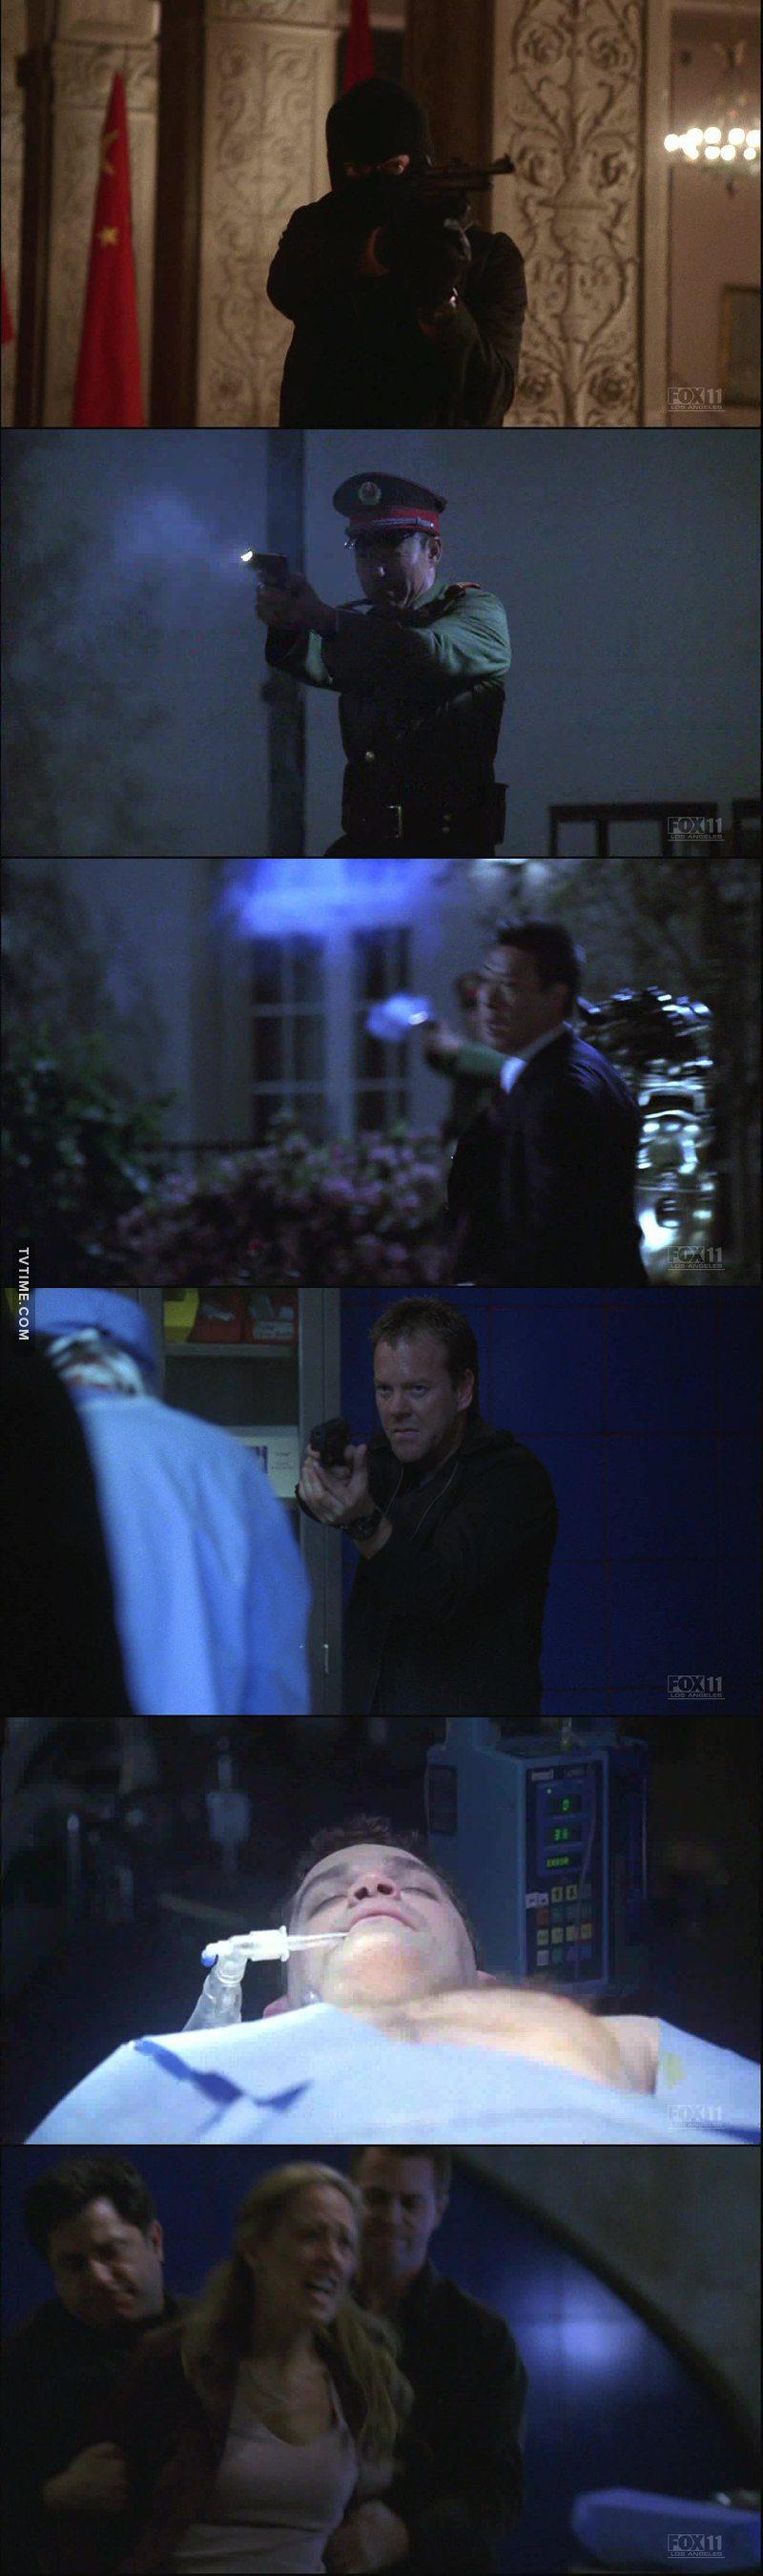 S'attaquer à l'embassade chinoise était risquer et pourai avoir de grosse répercution si il son démasquer. Et Jack à privillégier Lee à Paul pas sur qu'Audrey lui pardonne un jour.